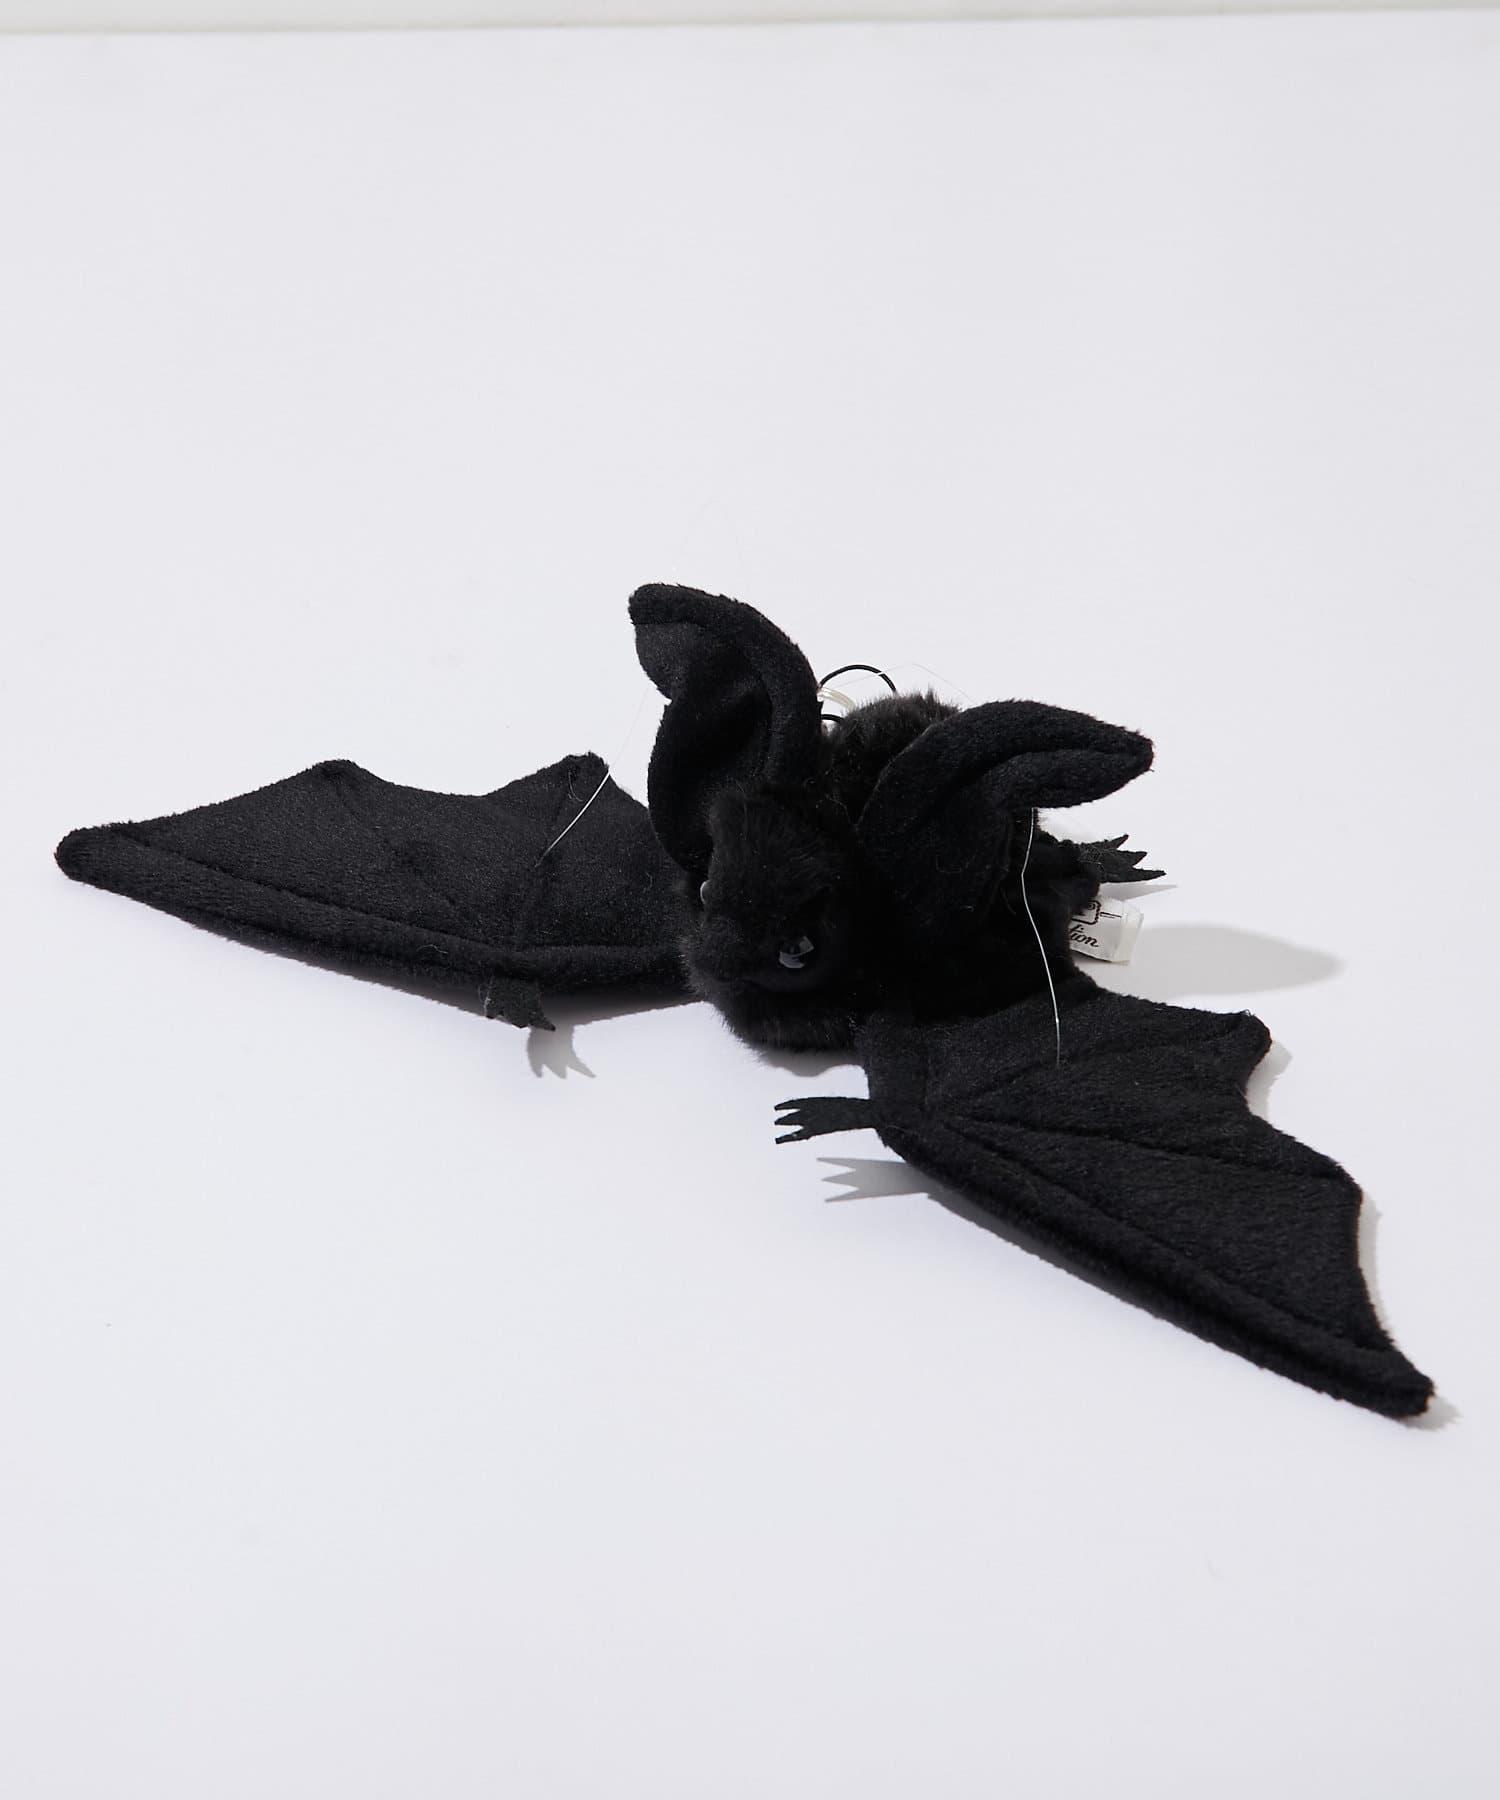 BONbazaar(ボンバザール) ライフスタイル 【HANSA】コウモリブラック BAT HANGING カラーなし